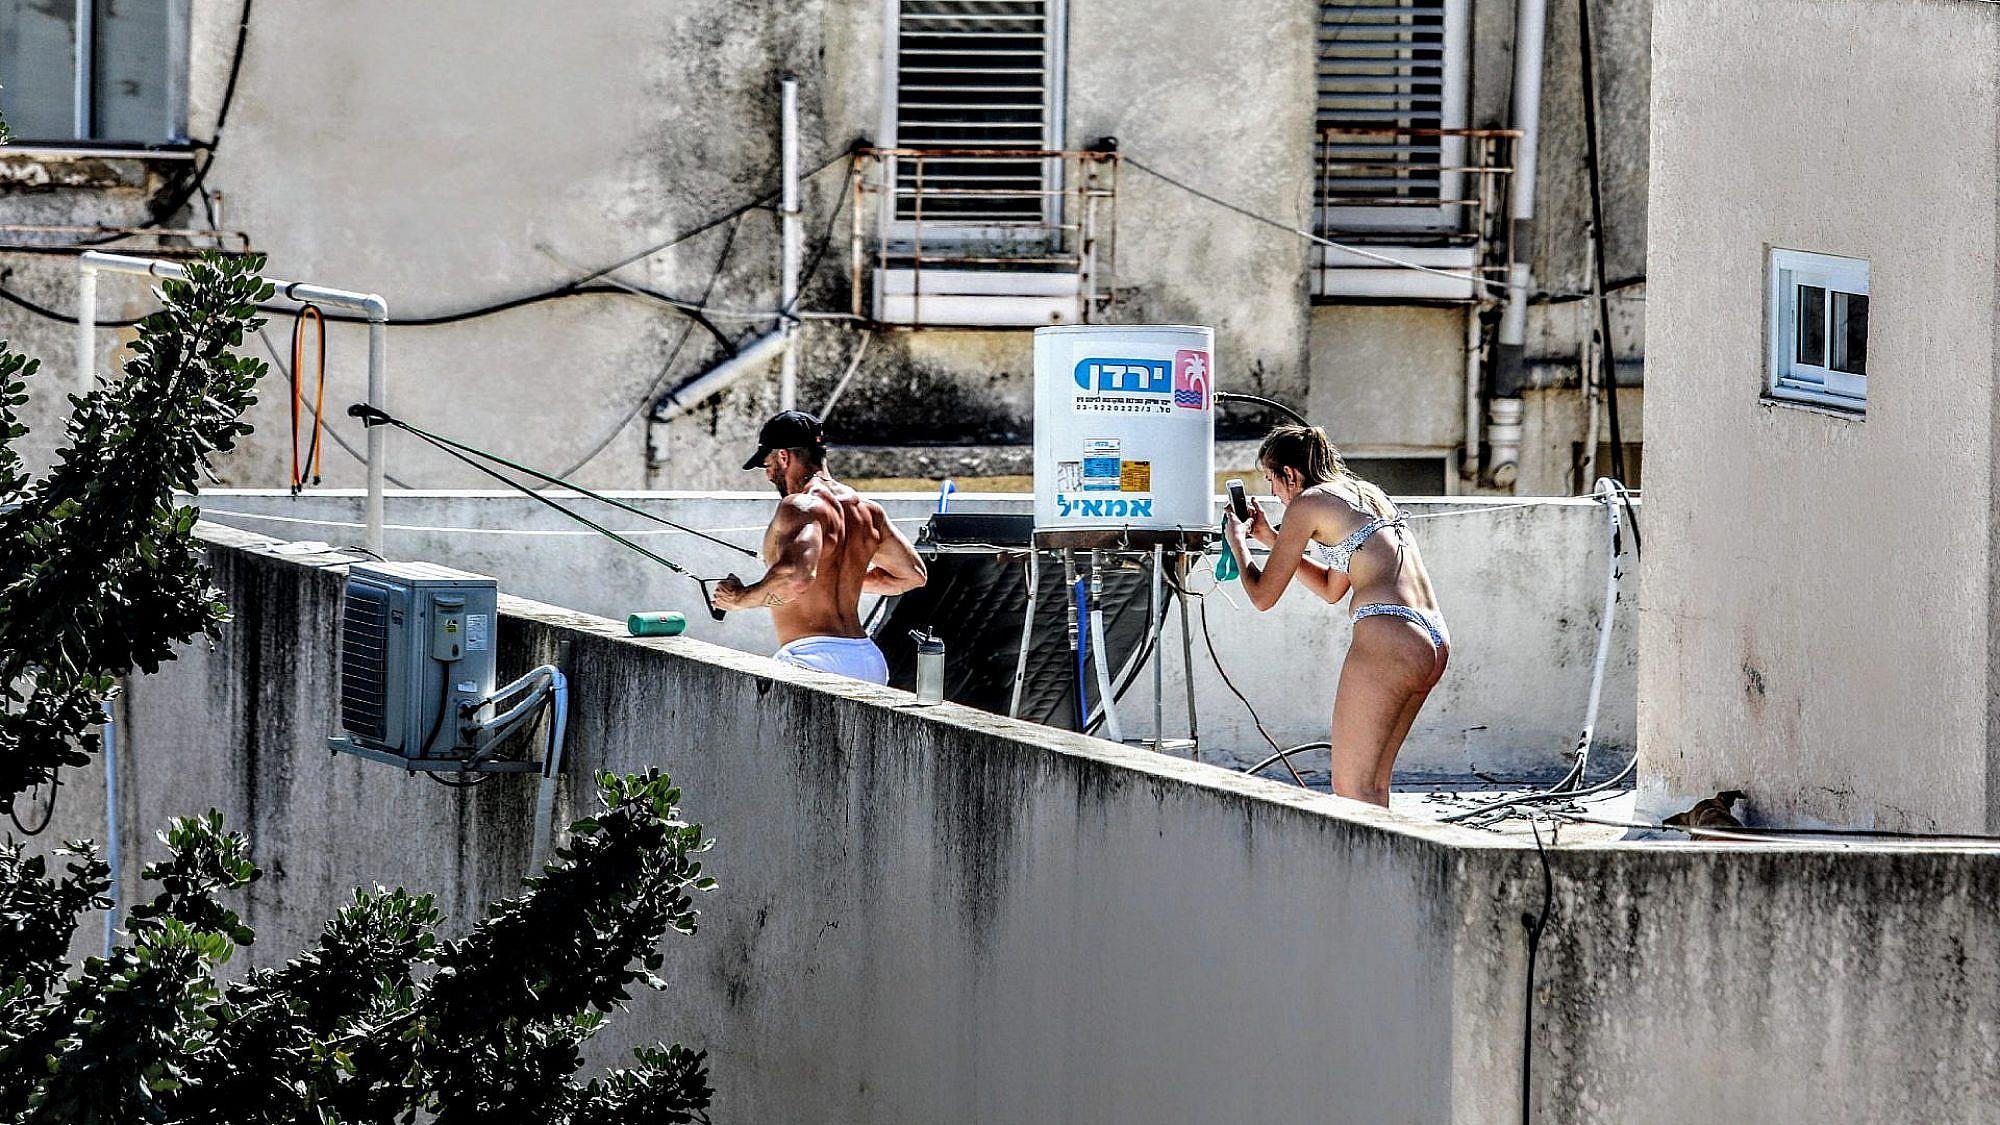 על גגות תל אביב שום דבר לא קורה הלילה (צילום: שלומי יוסף)